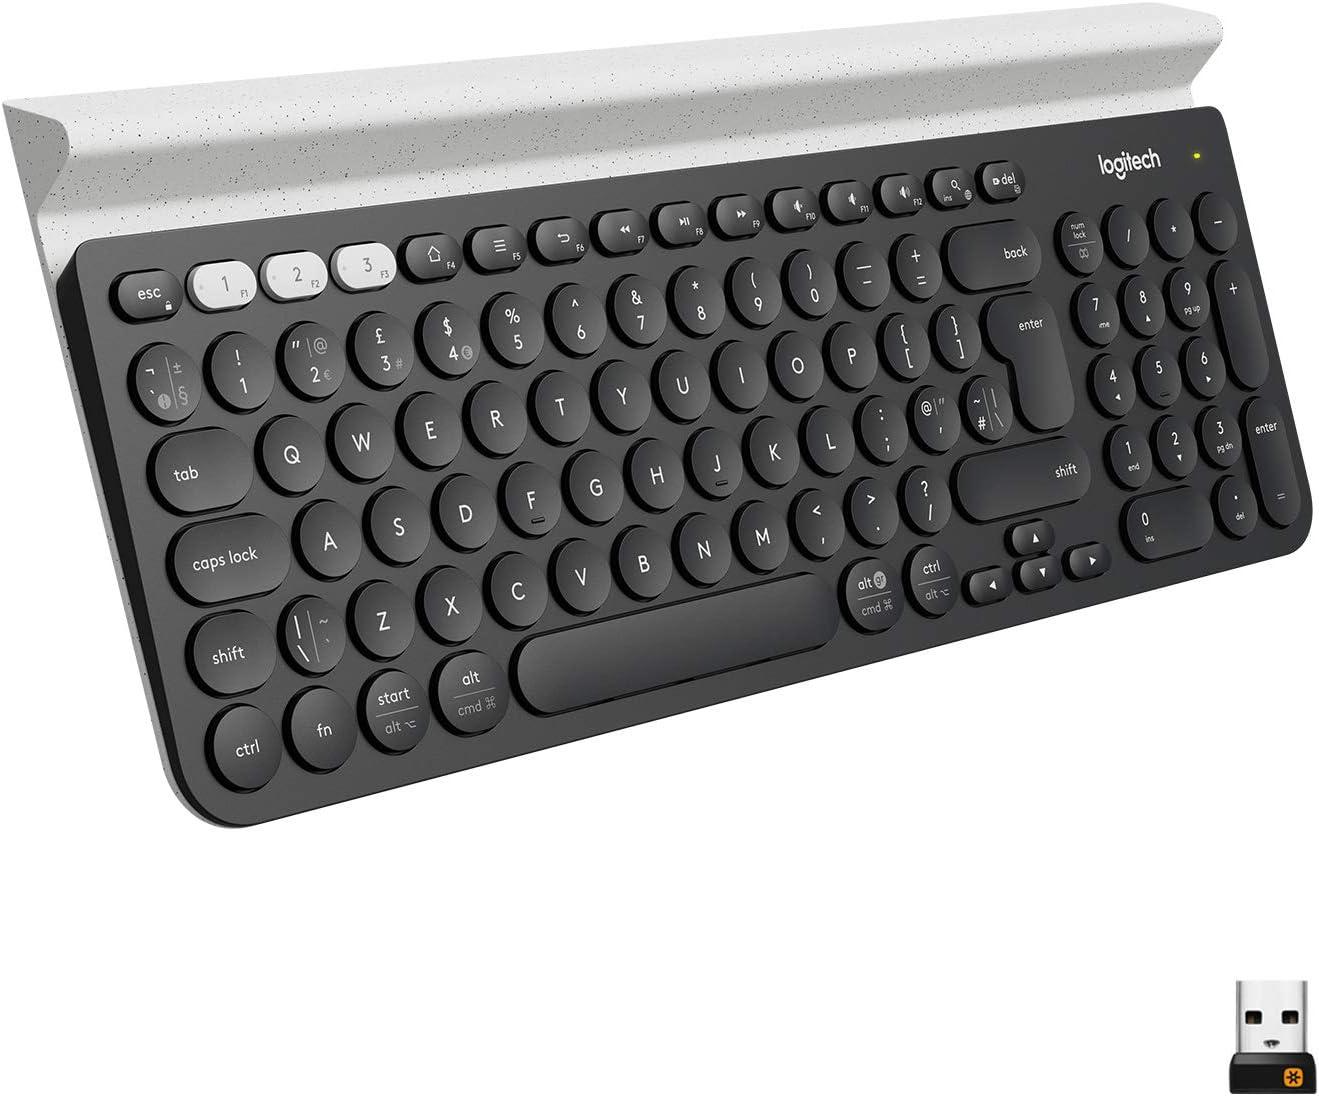 Logitech K780 Teclado Inalámbrico Multi-Dispositivos para Windows, Disposición QWERTY Inglés Reino Unido, Gris